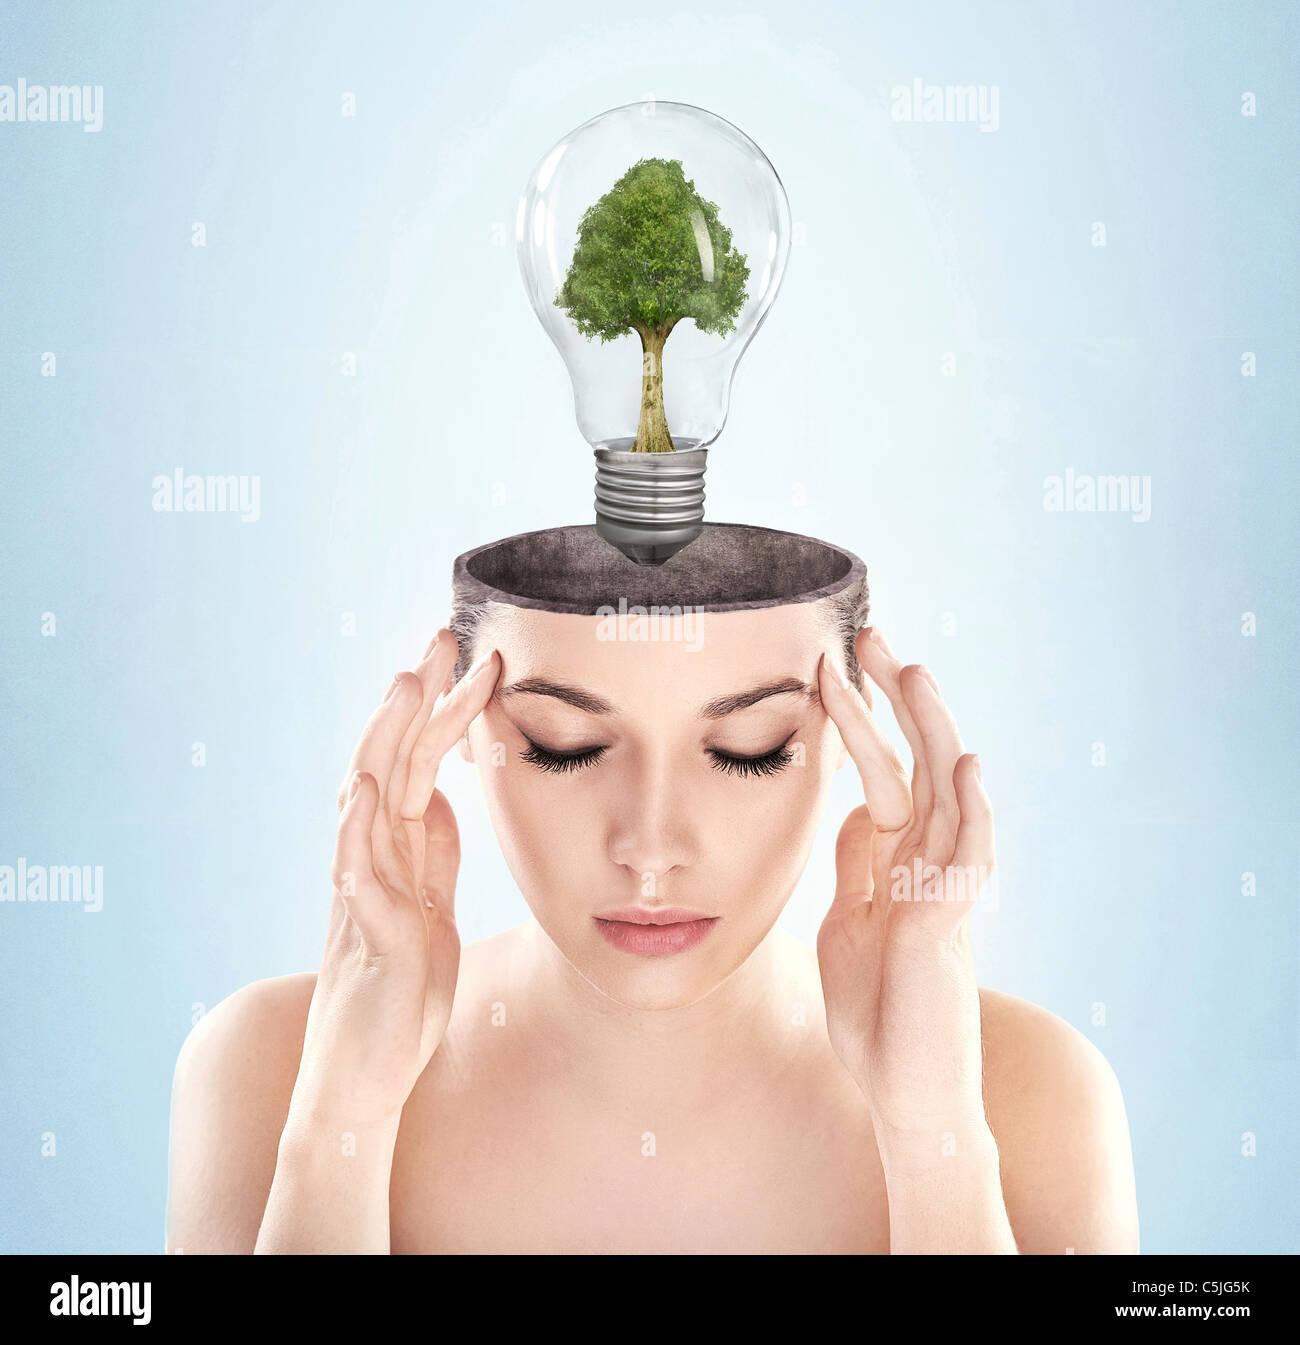 Mulher de espírito aberto com símbolo de energia verde Imagens de Stock